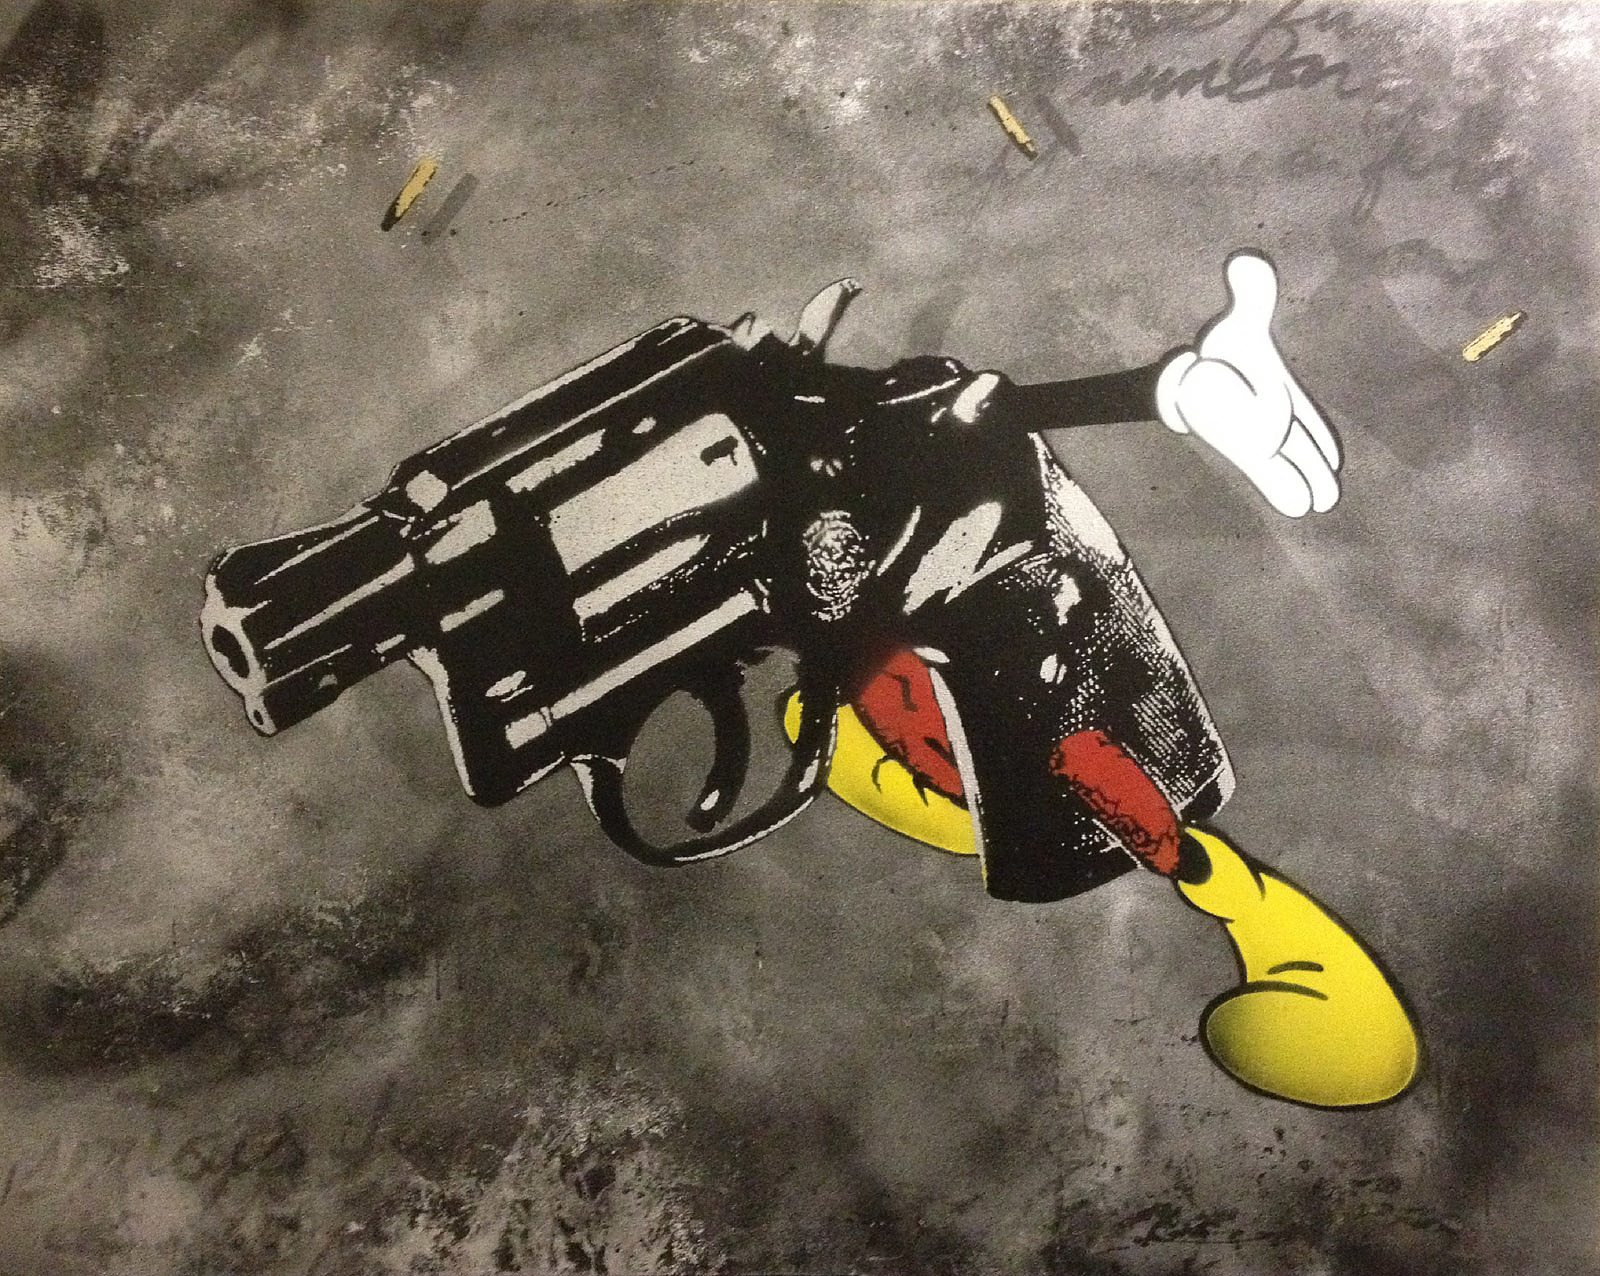 Micky Pistols